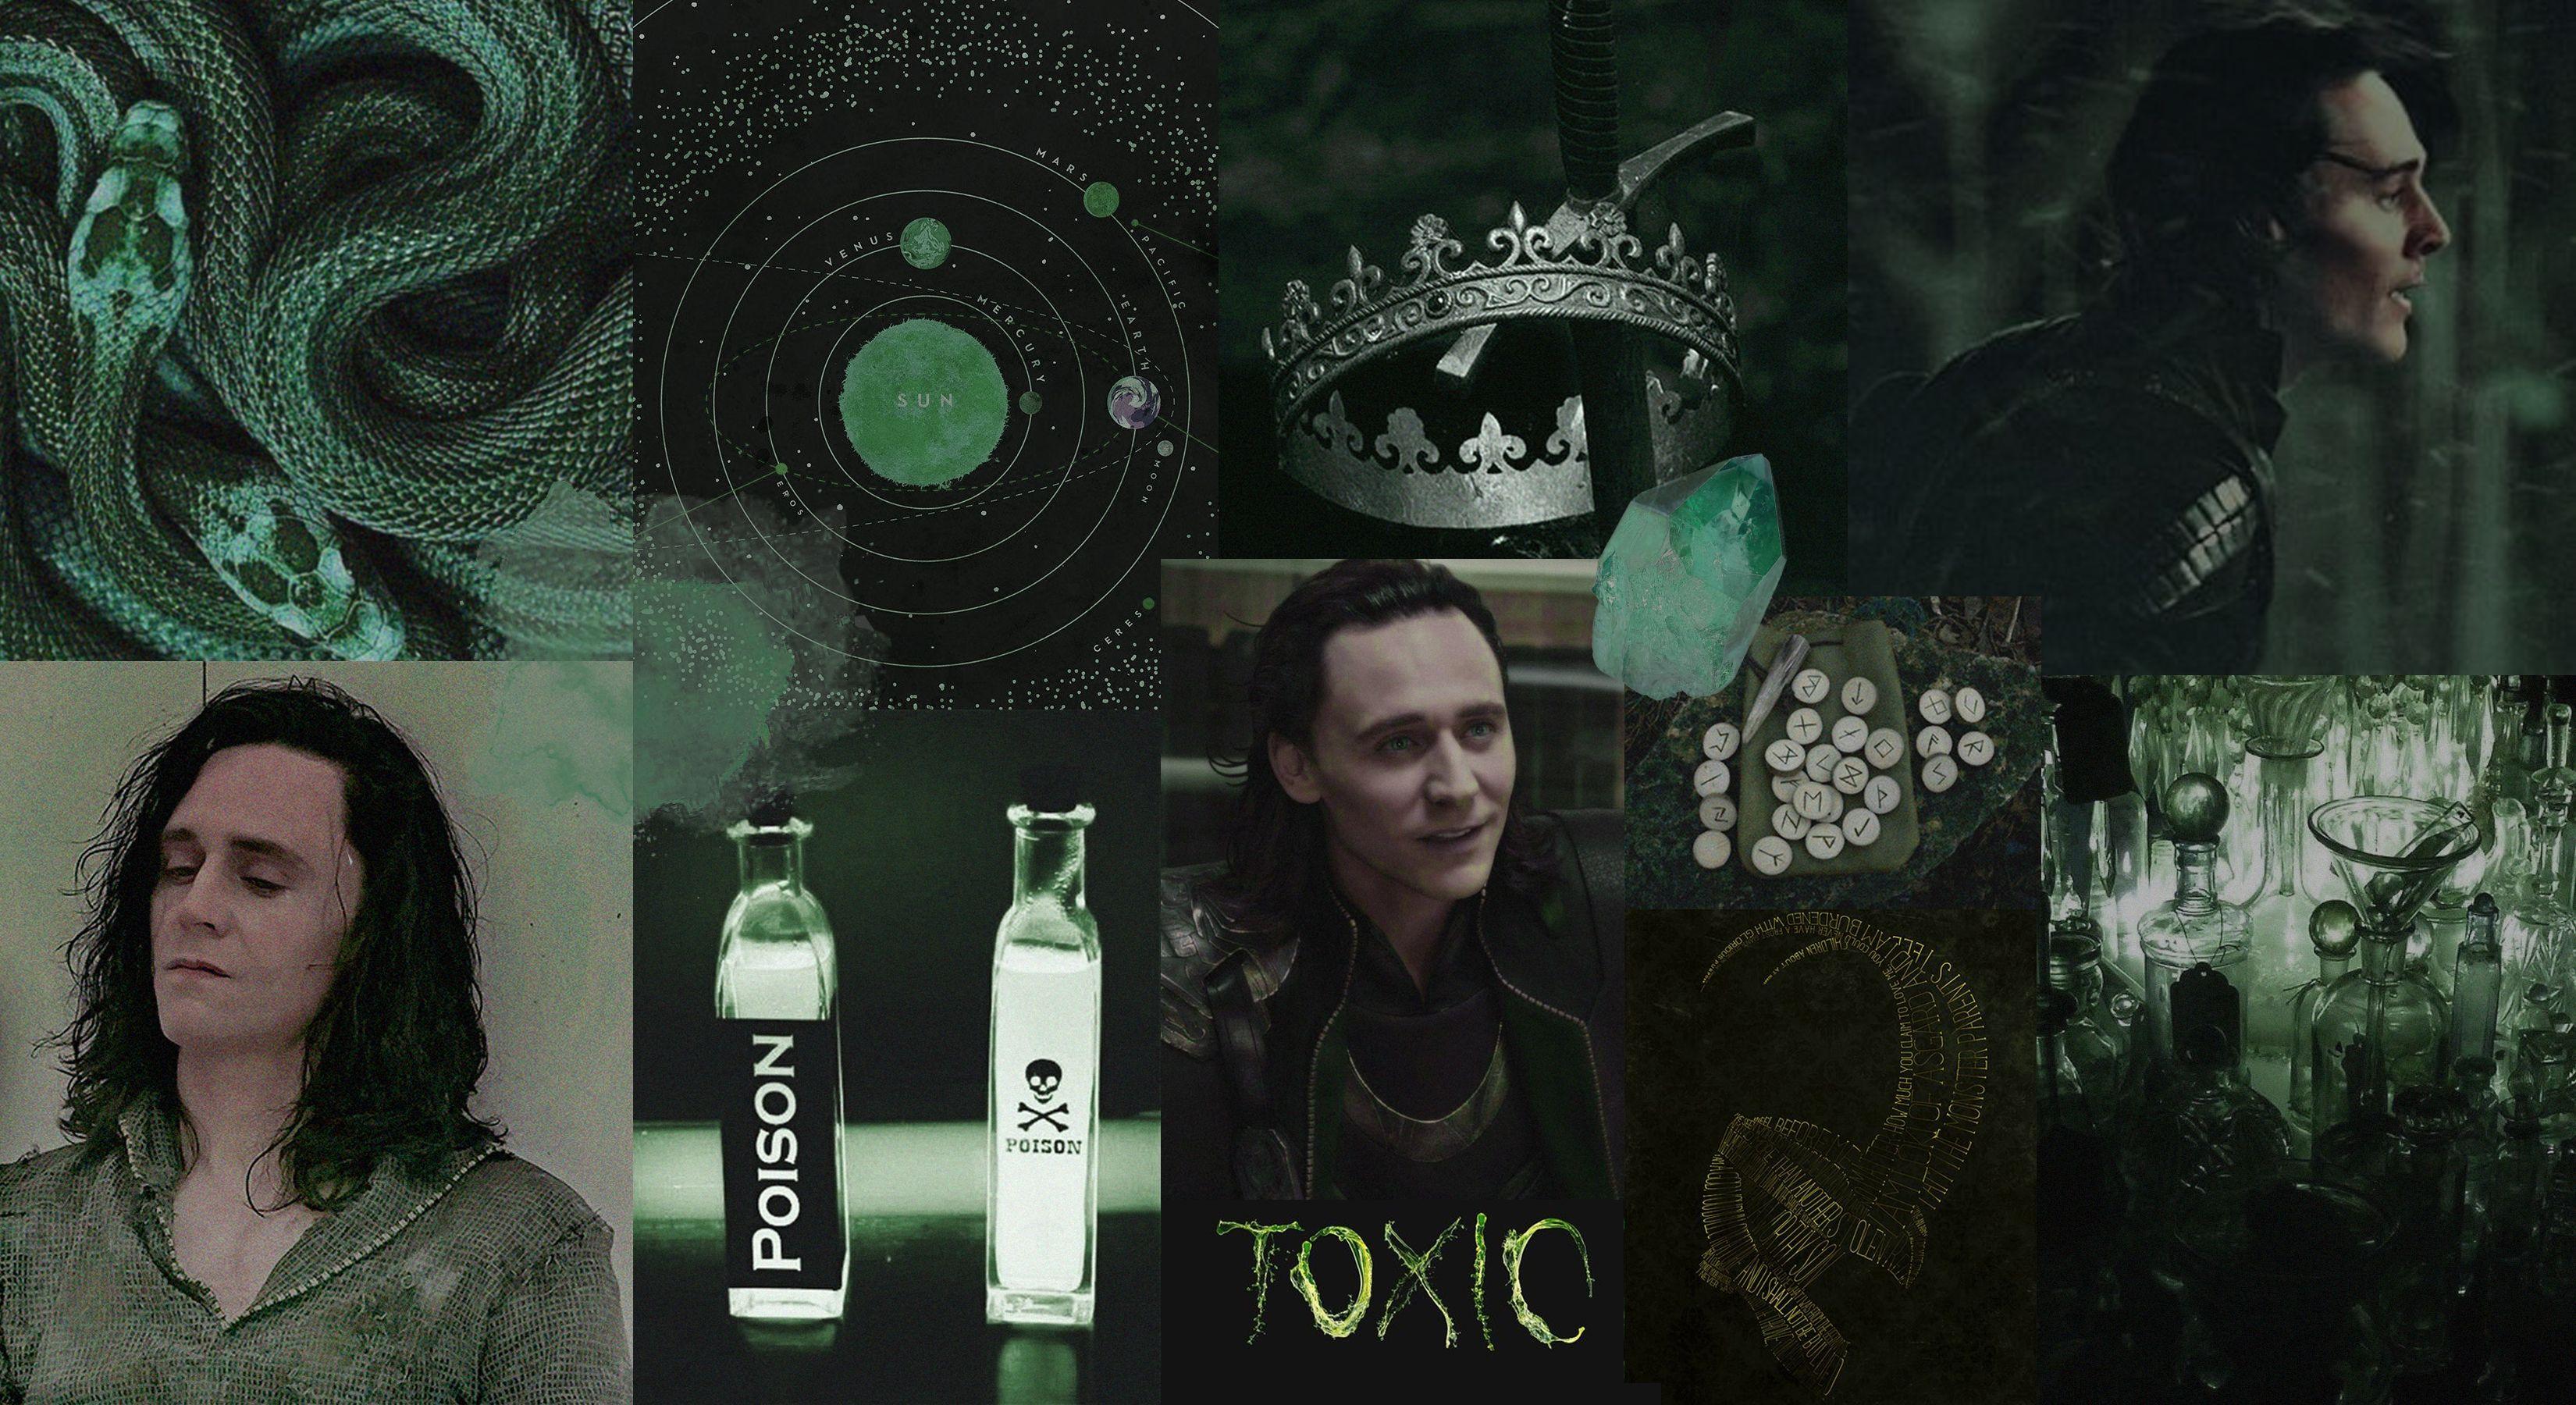 green poison loki toxic aesthetic